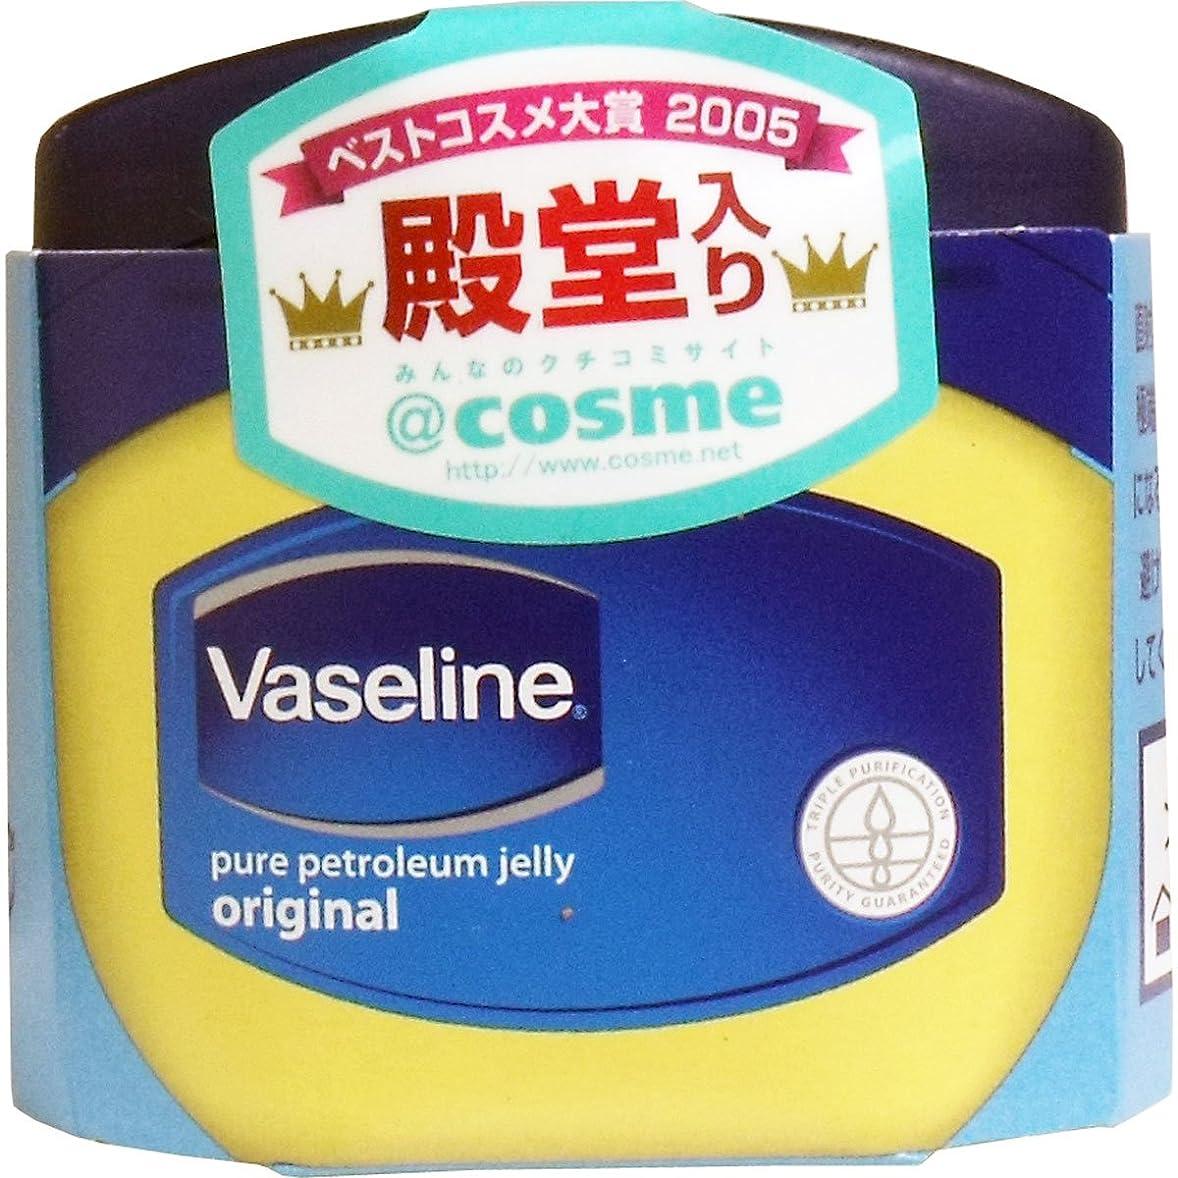 行列顔料オーク【Vaseline】ヴァセリン ピュアスキンジェリー (スキンオイル) 40g ×20個セット